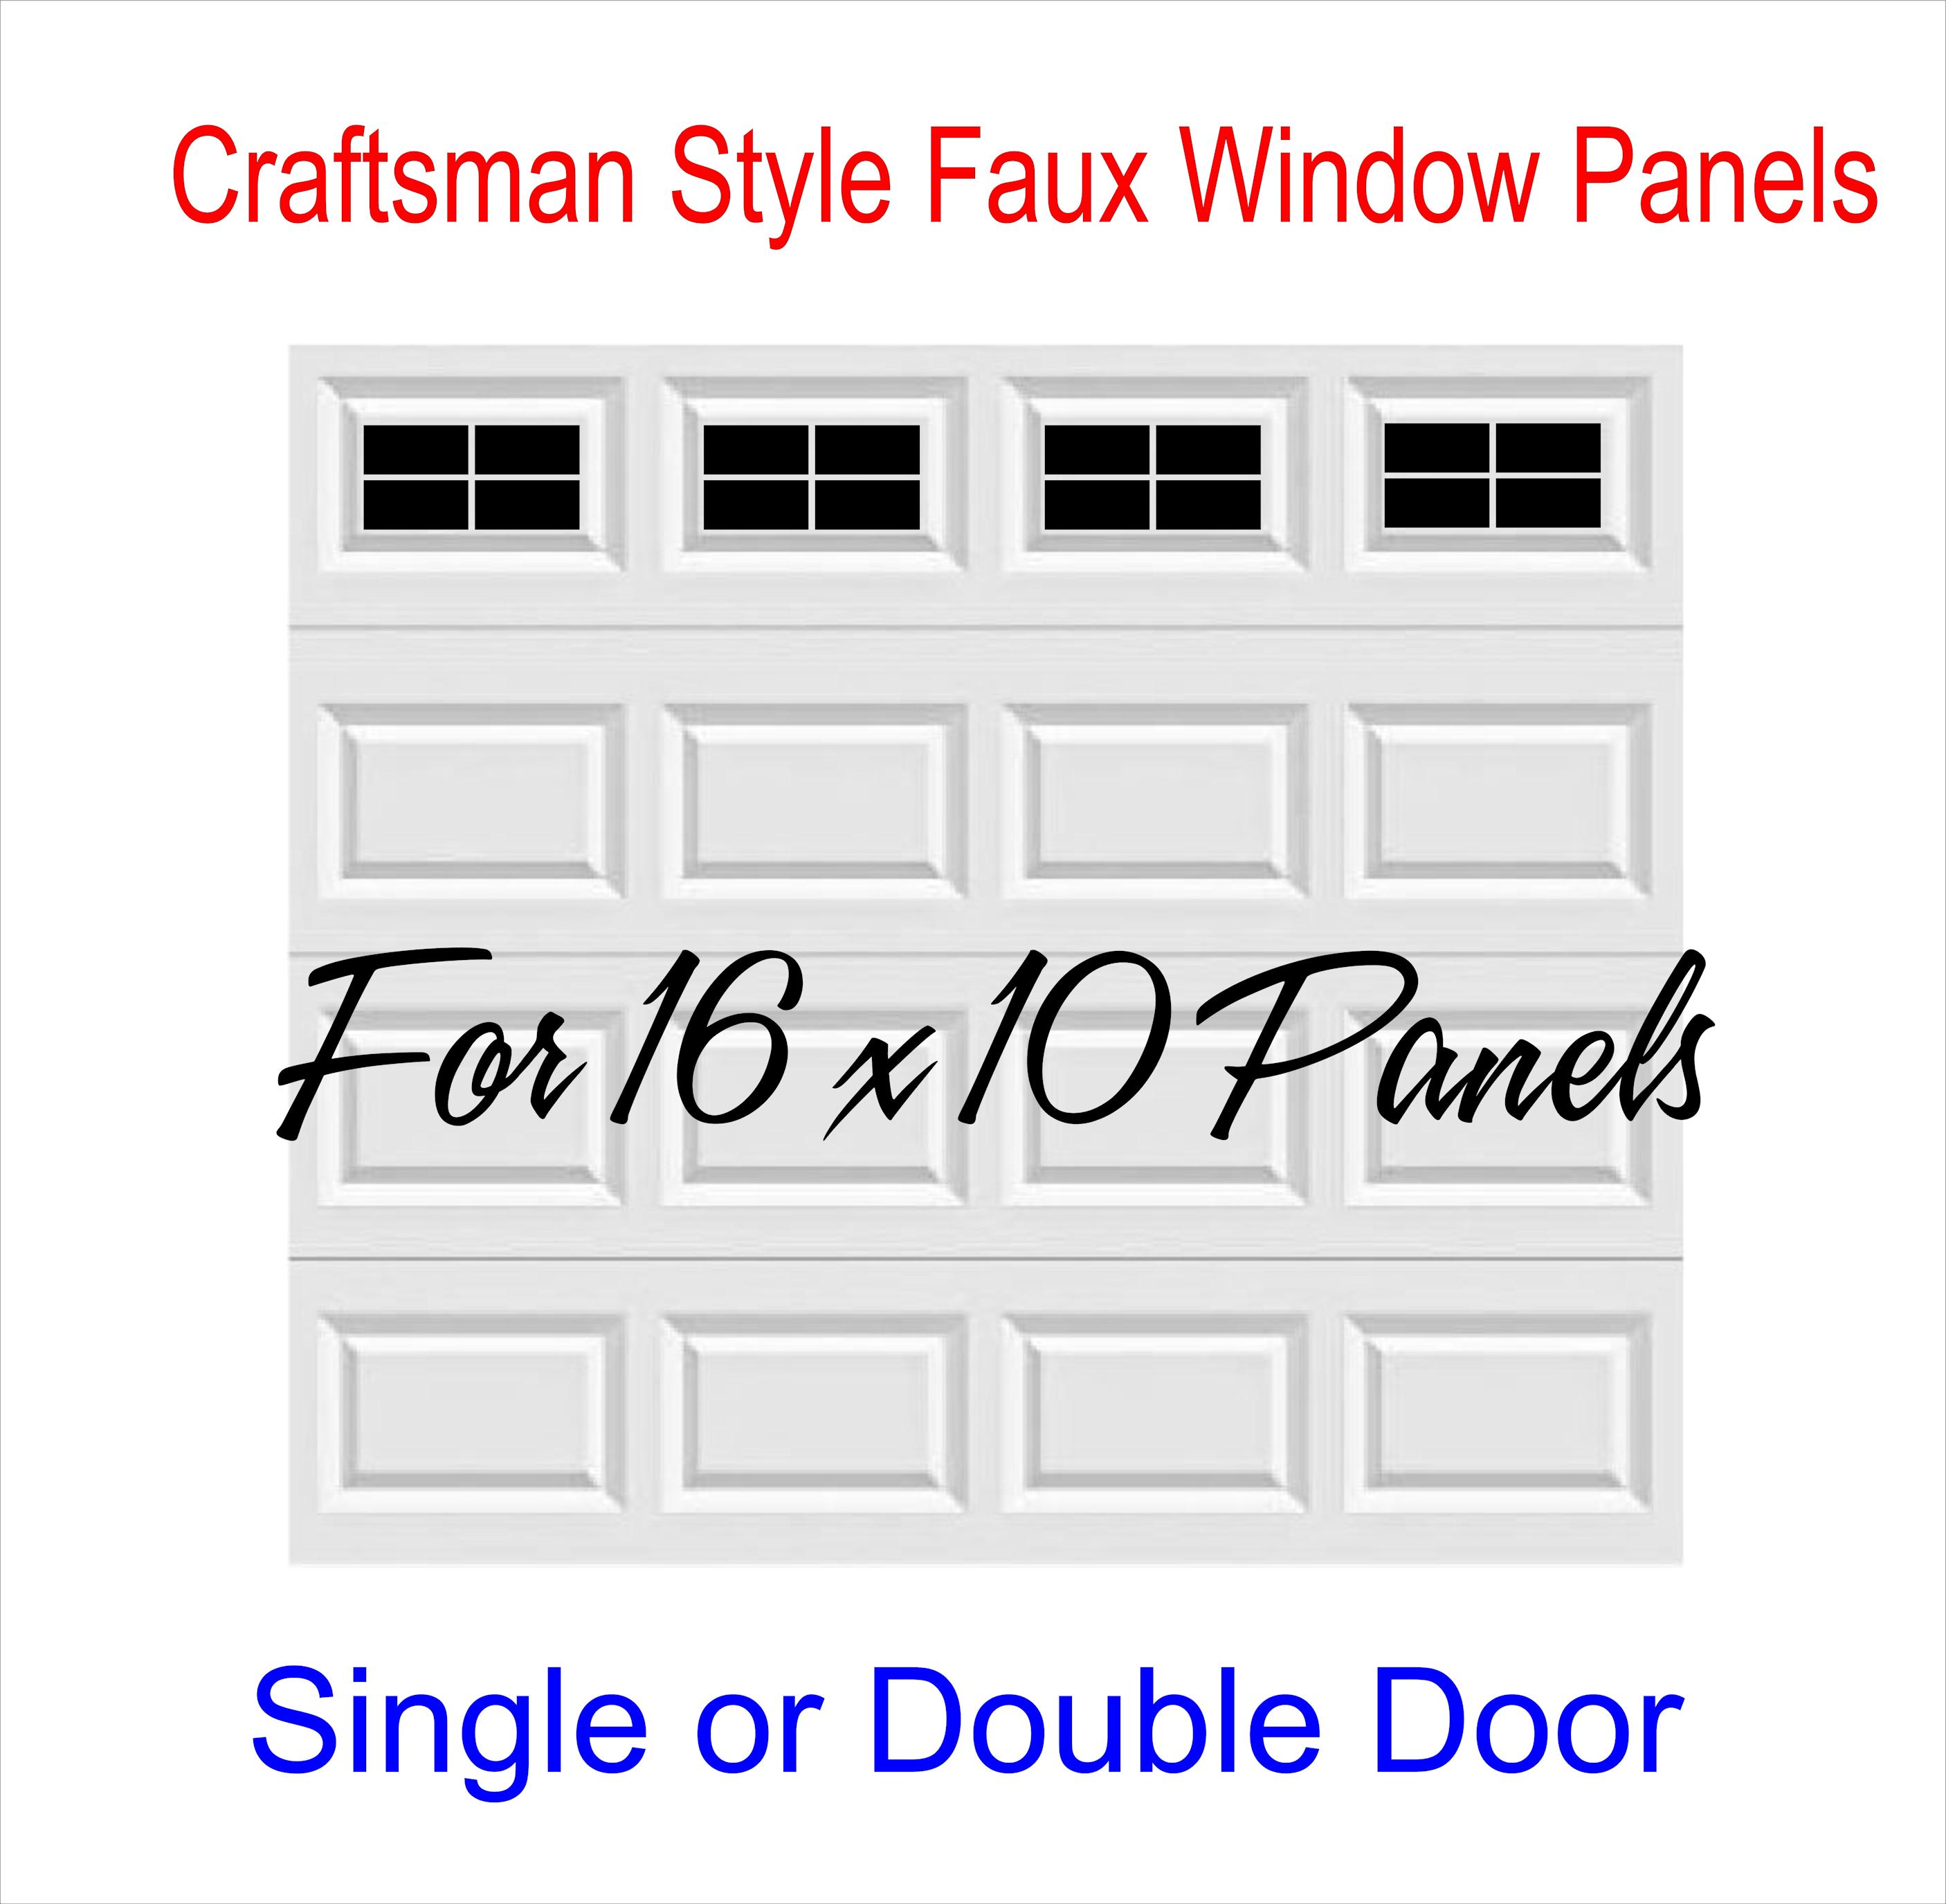 Craftsman style vinyl garage door decal kit 16 x 10 faux windows craftsman style vinyl garage door decal kit 16 x 10 faux windows 4 squares per rubansaba